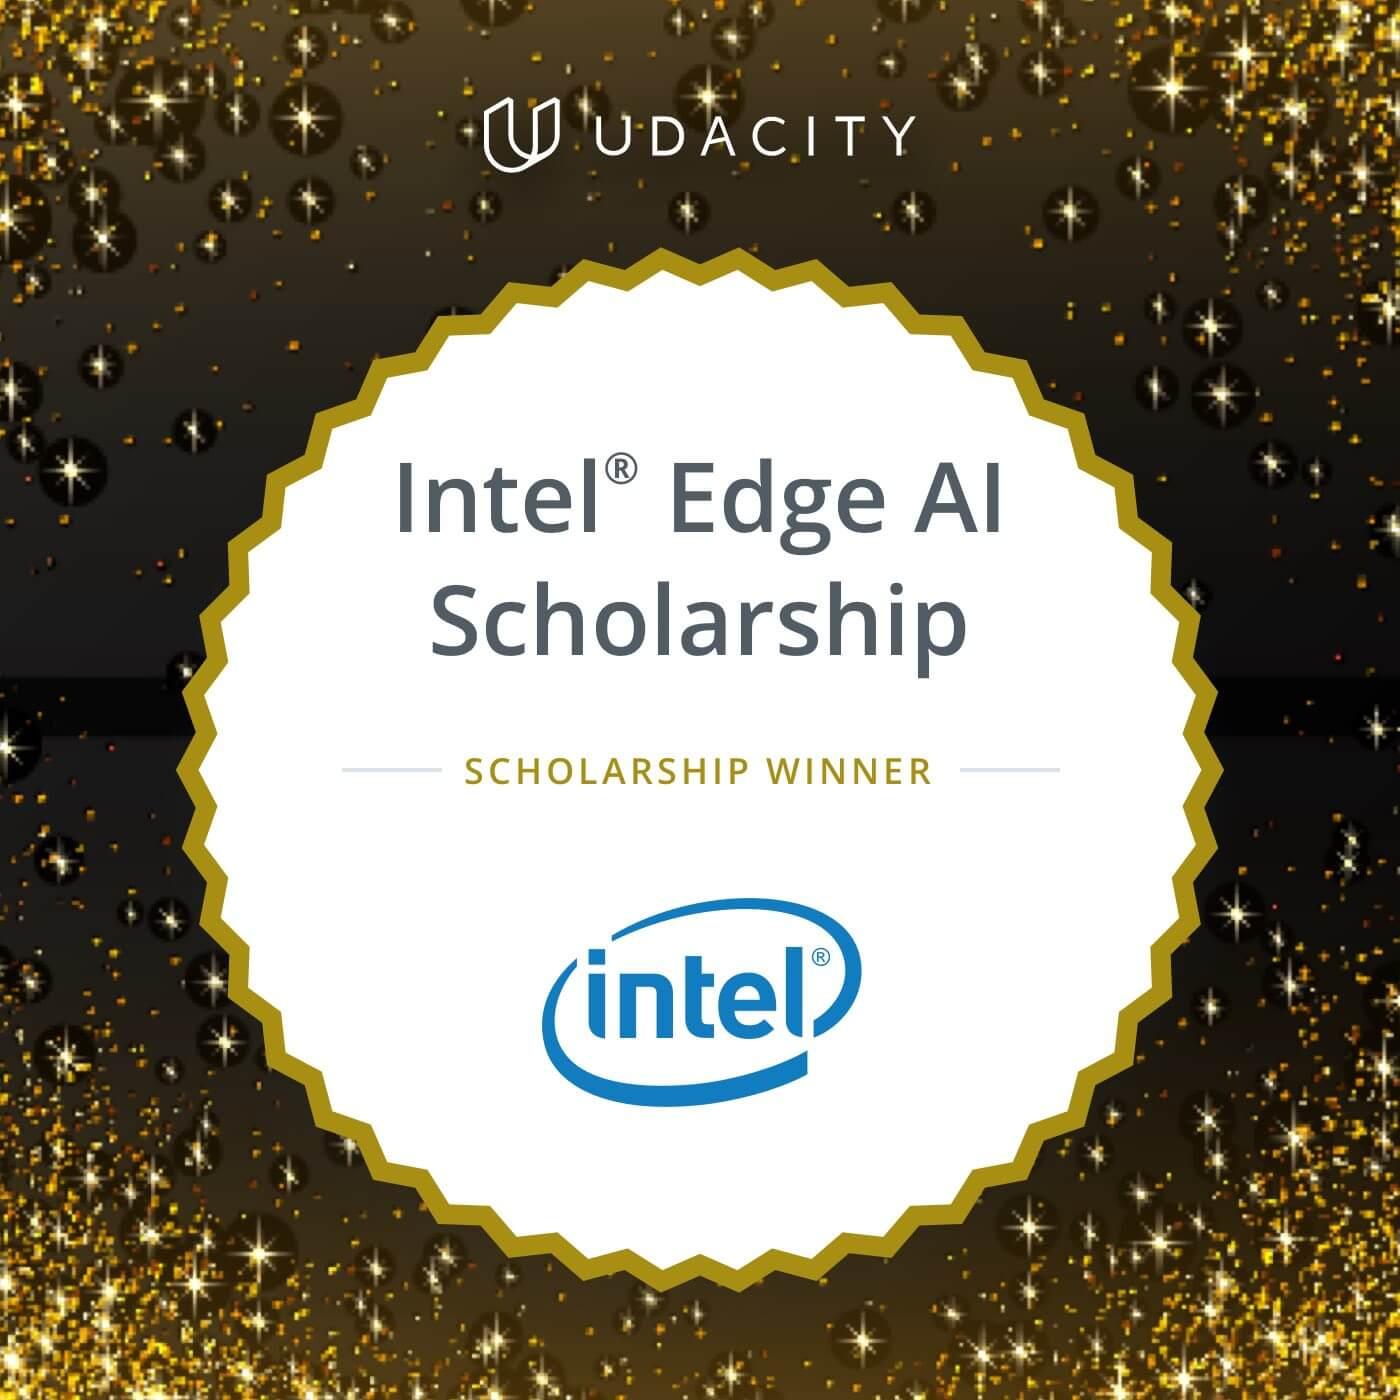 Intel Scholarship Winner